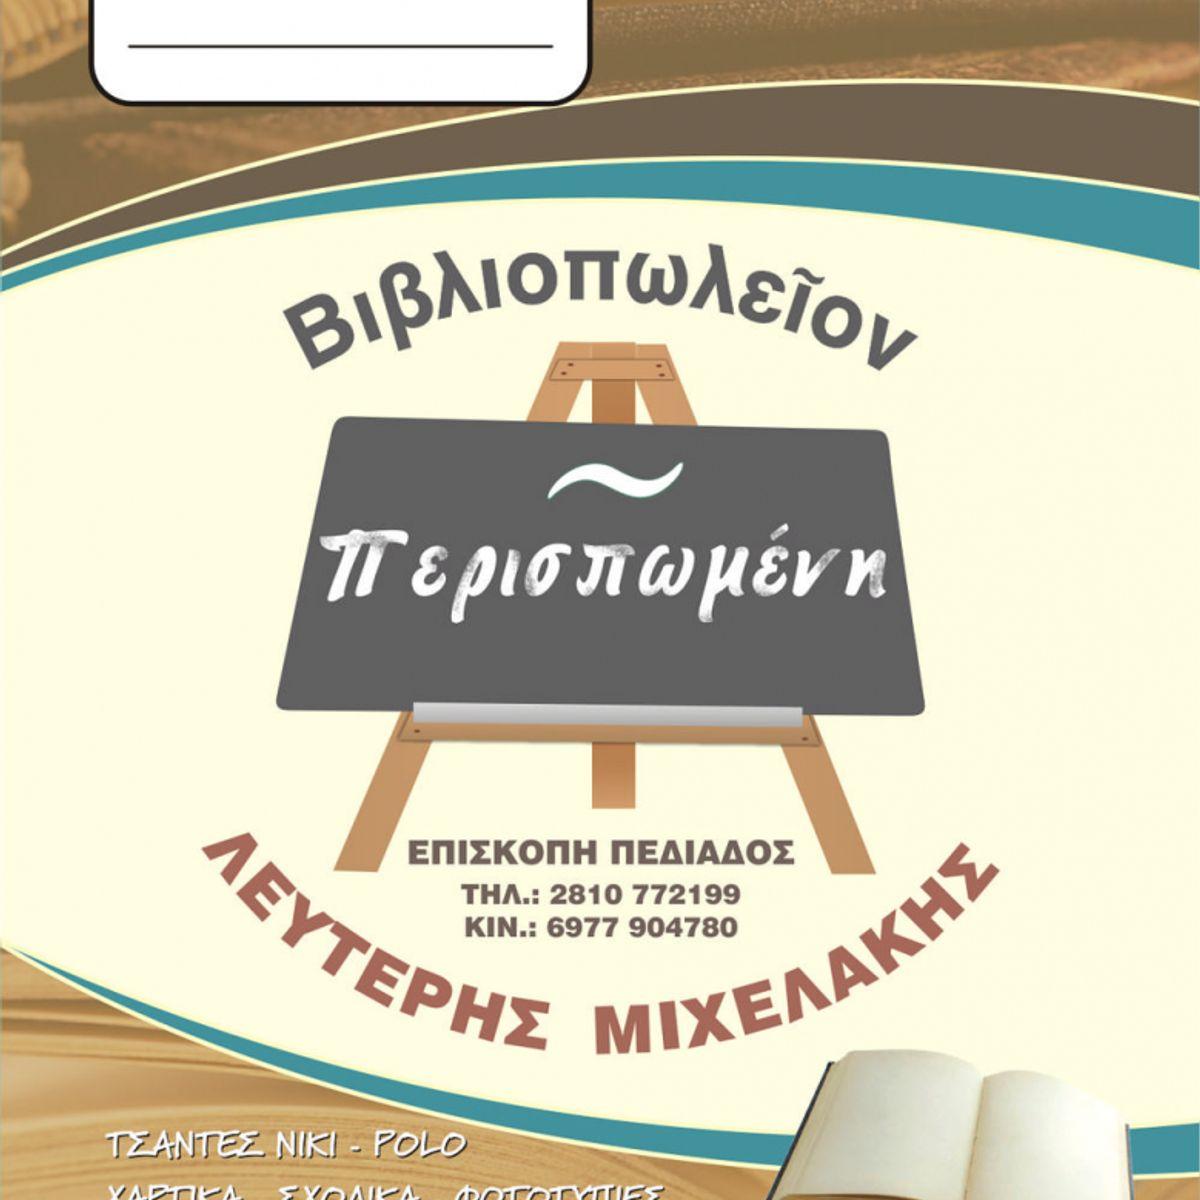 Τετράδια - ntb3696